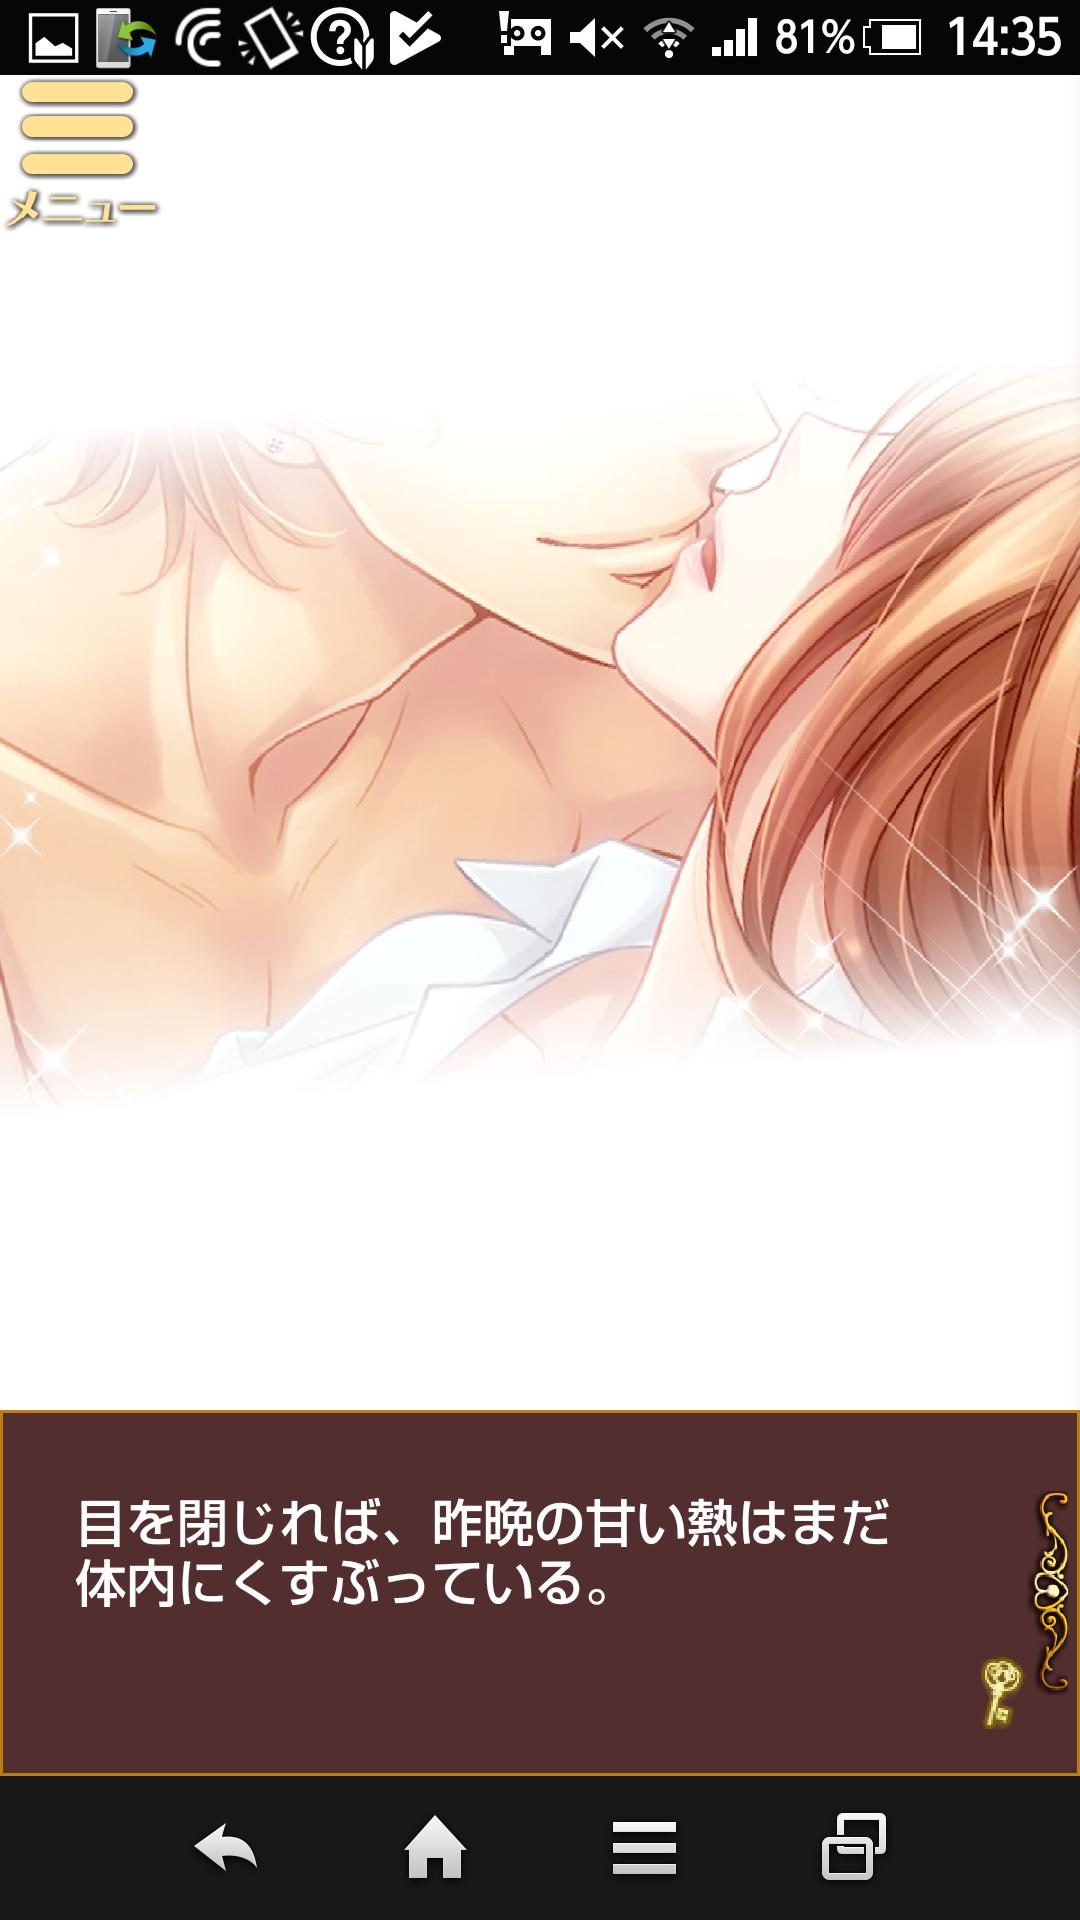 恋愛ホテル androidアプリスクリーンショット1